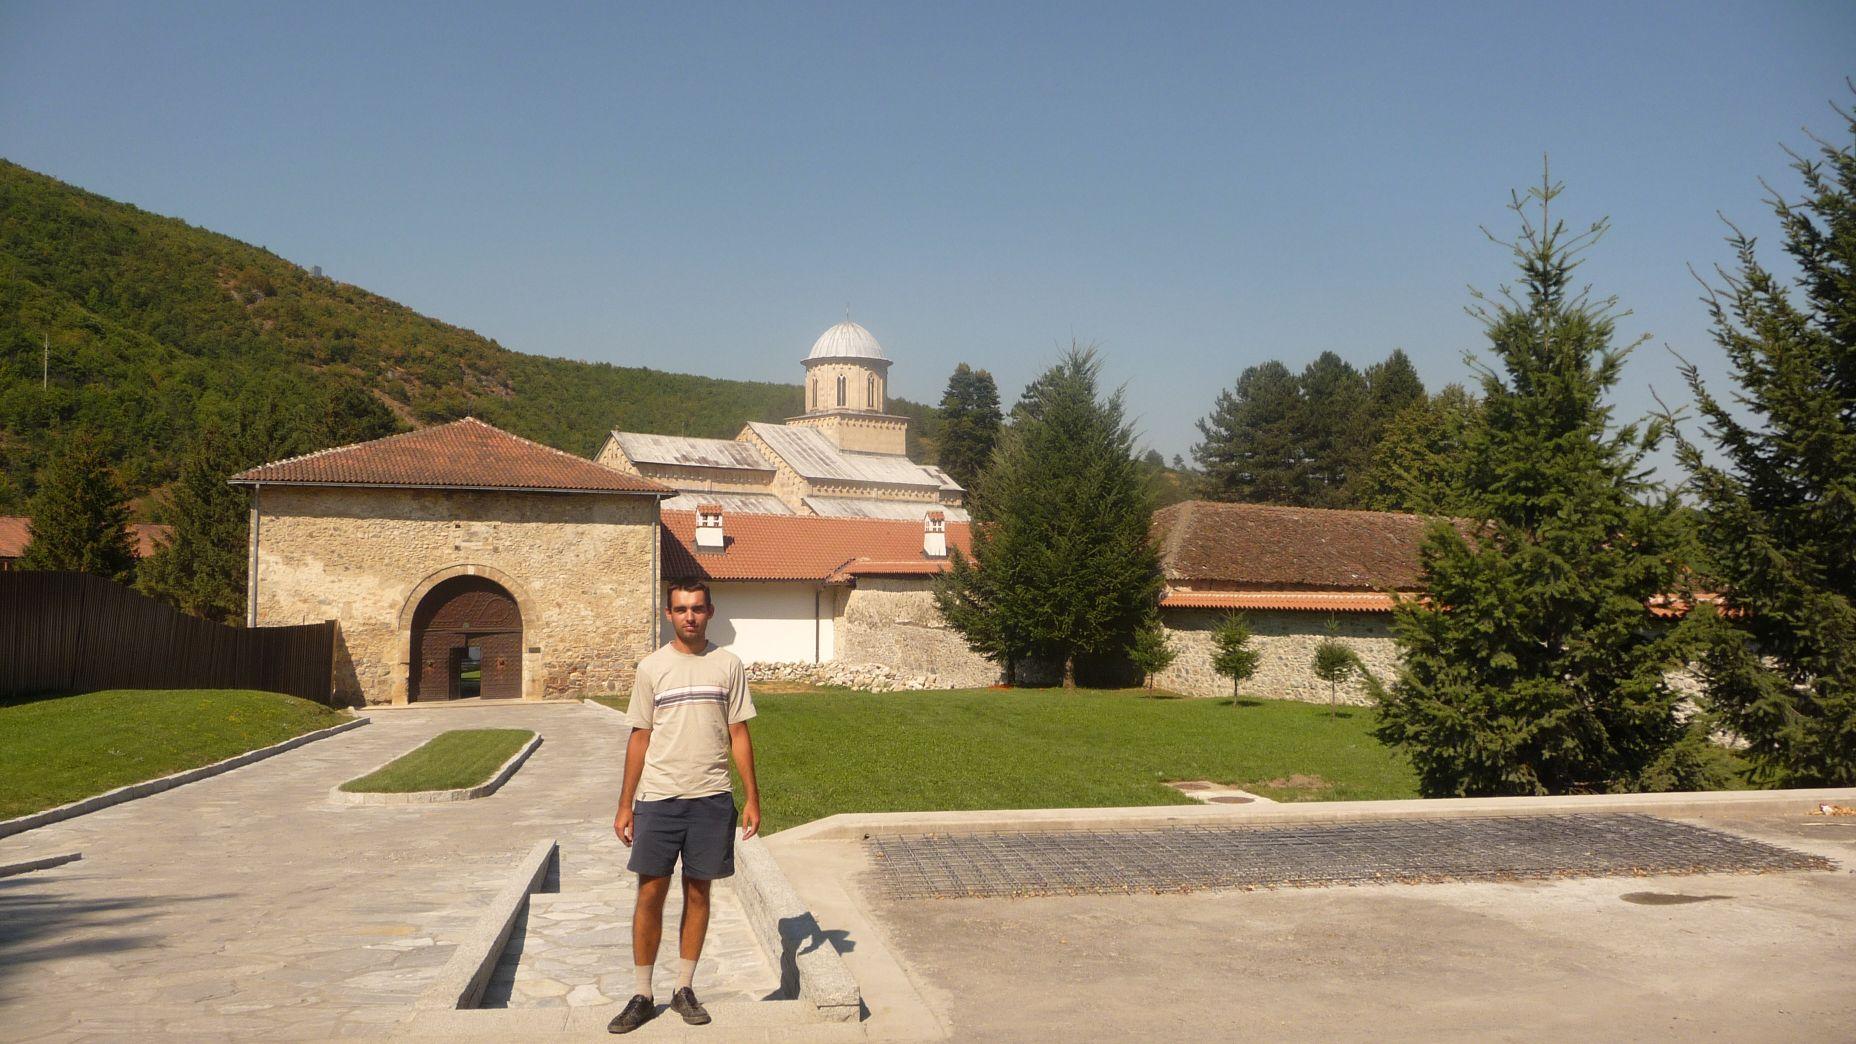 Kosowo - Visoki Decani - zdjęcia, atrakcje